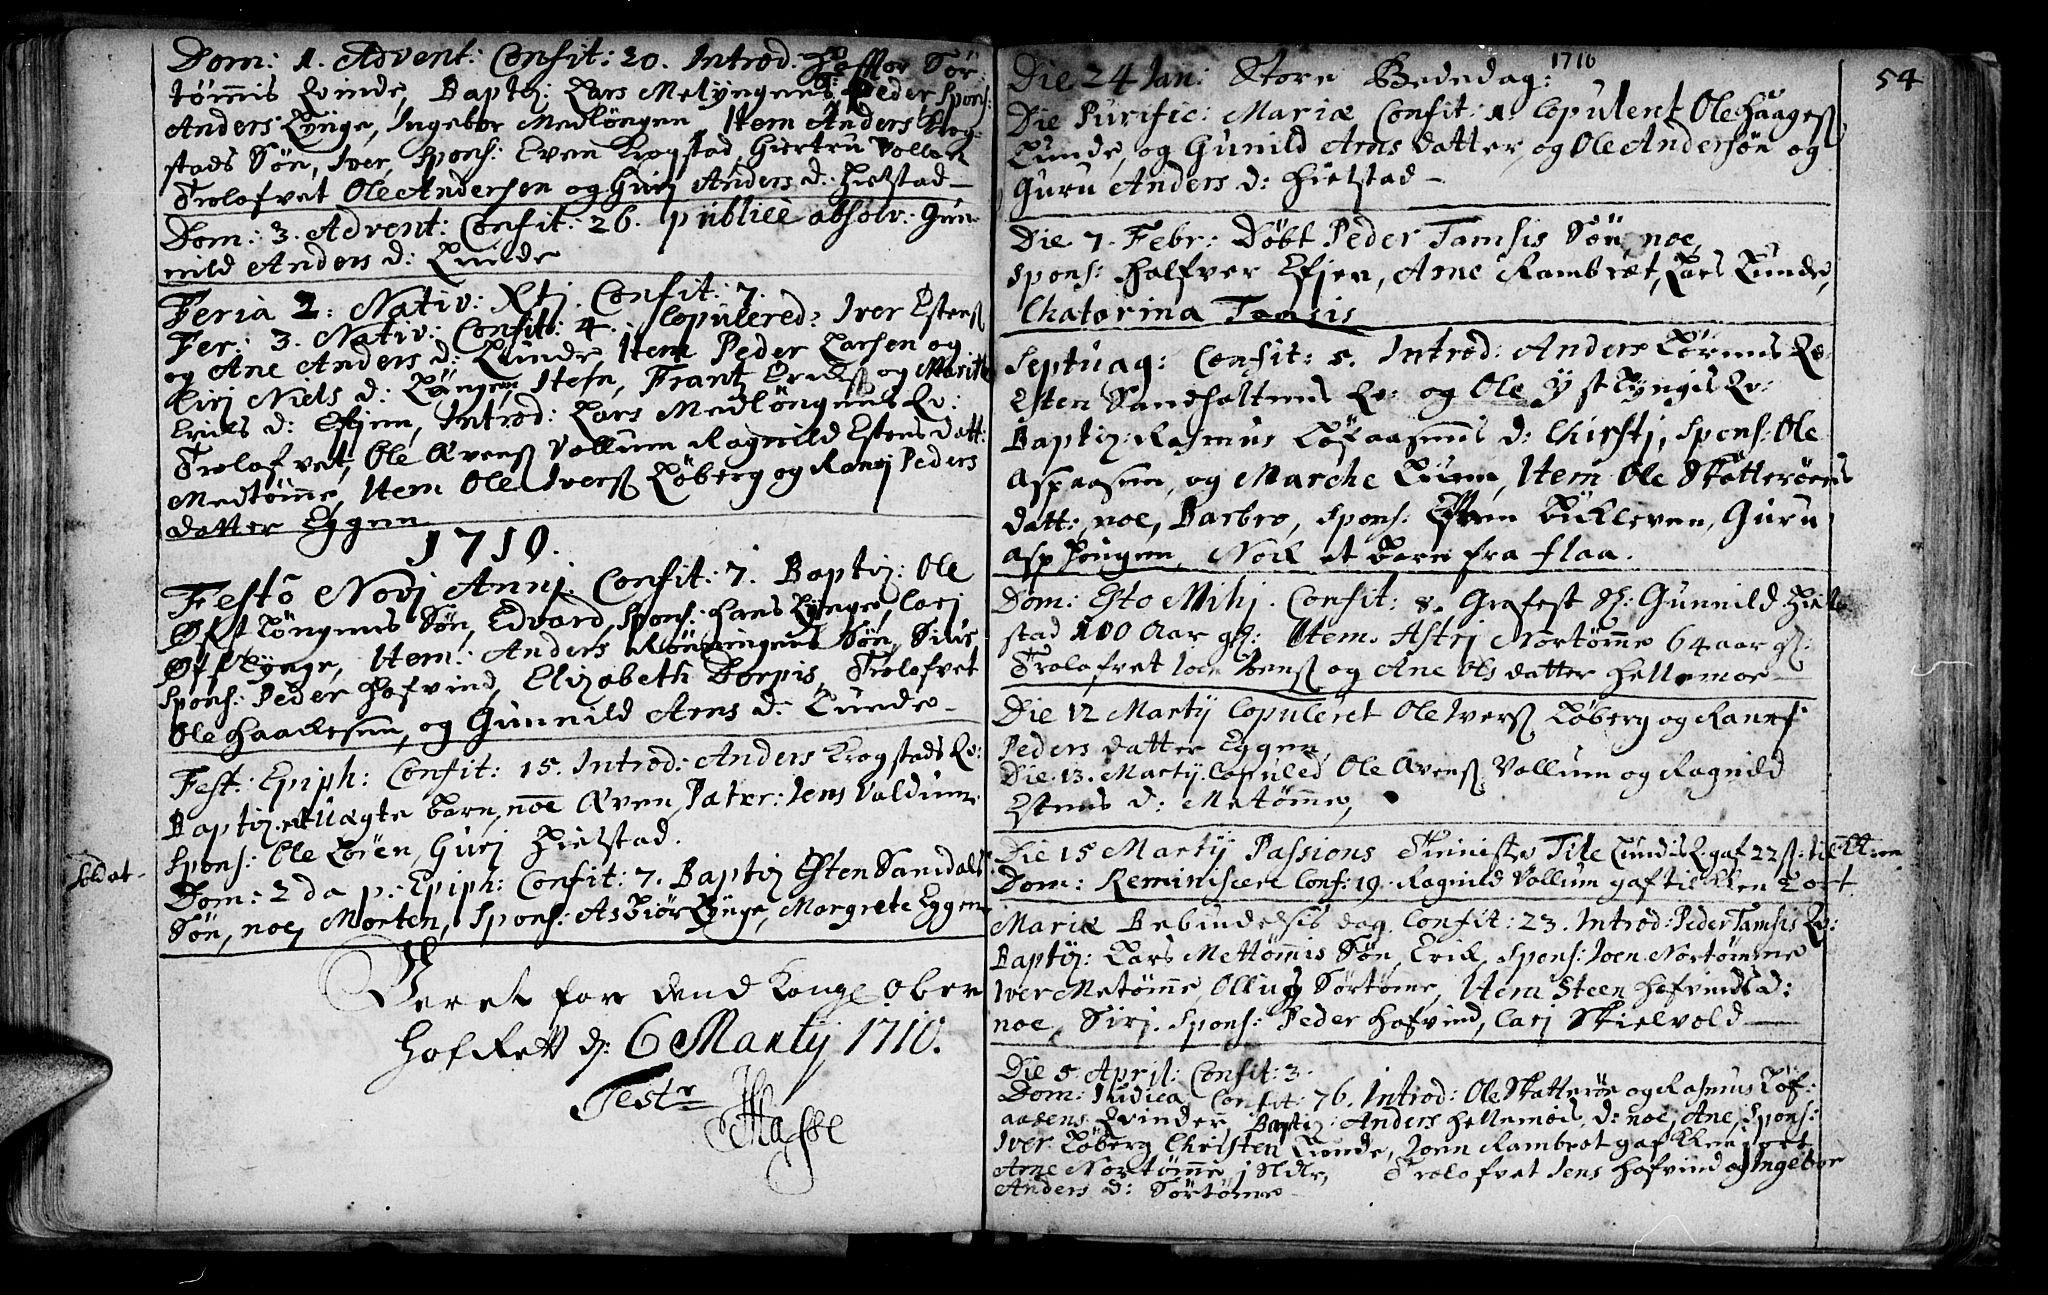 SAT, Ministerialprotokoller, klokkerbøker og fødselsregistre - Sør-Trøndelag, 692/L1101: Ministerialbok nr. 692A01, 1690-1746, s. 54